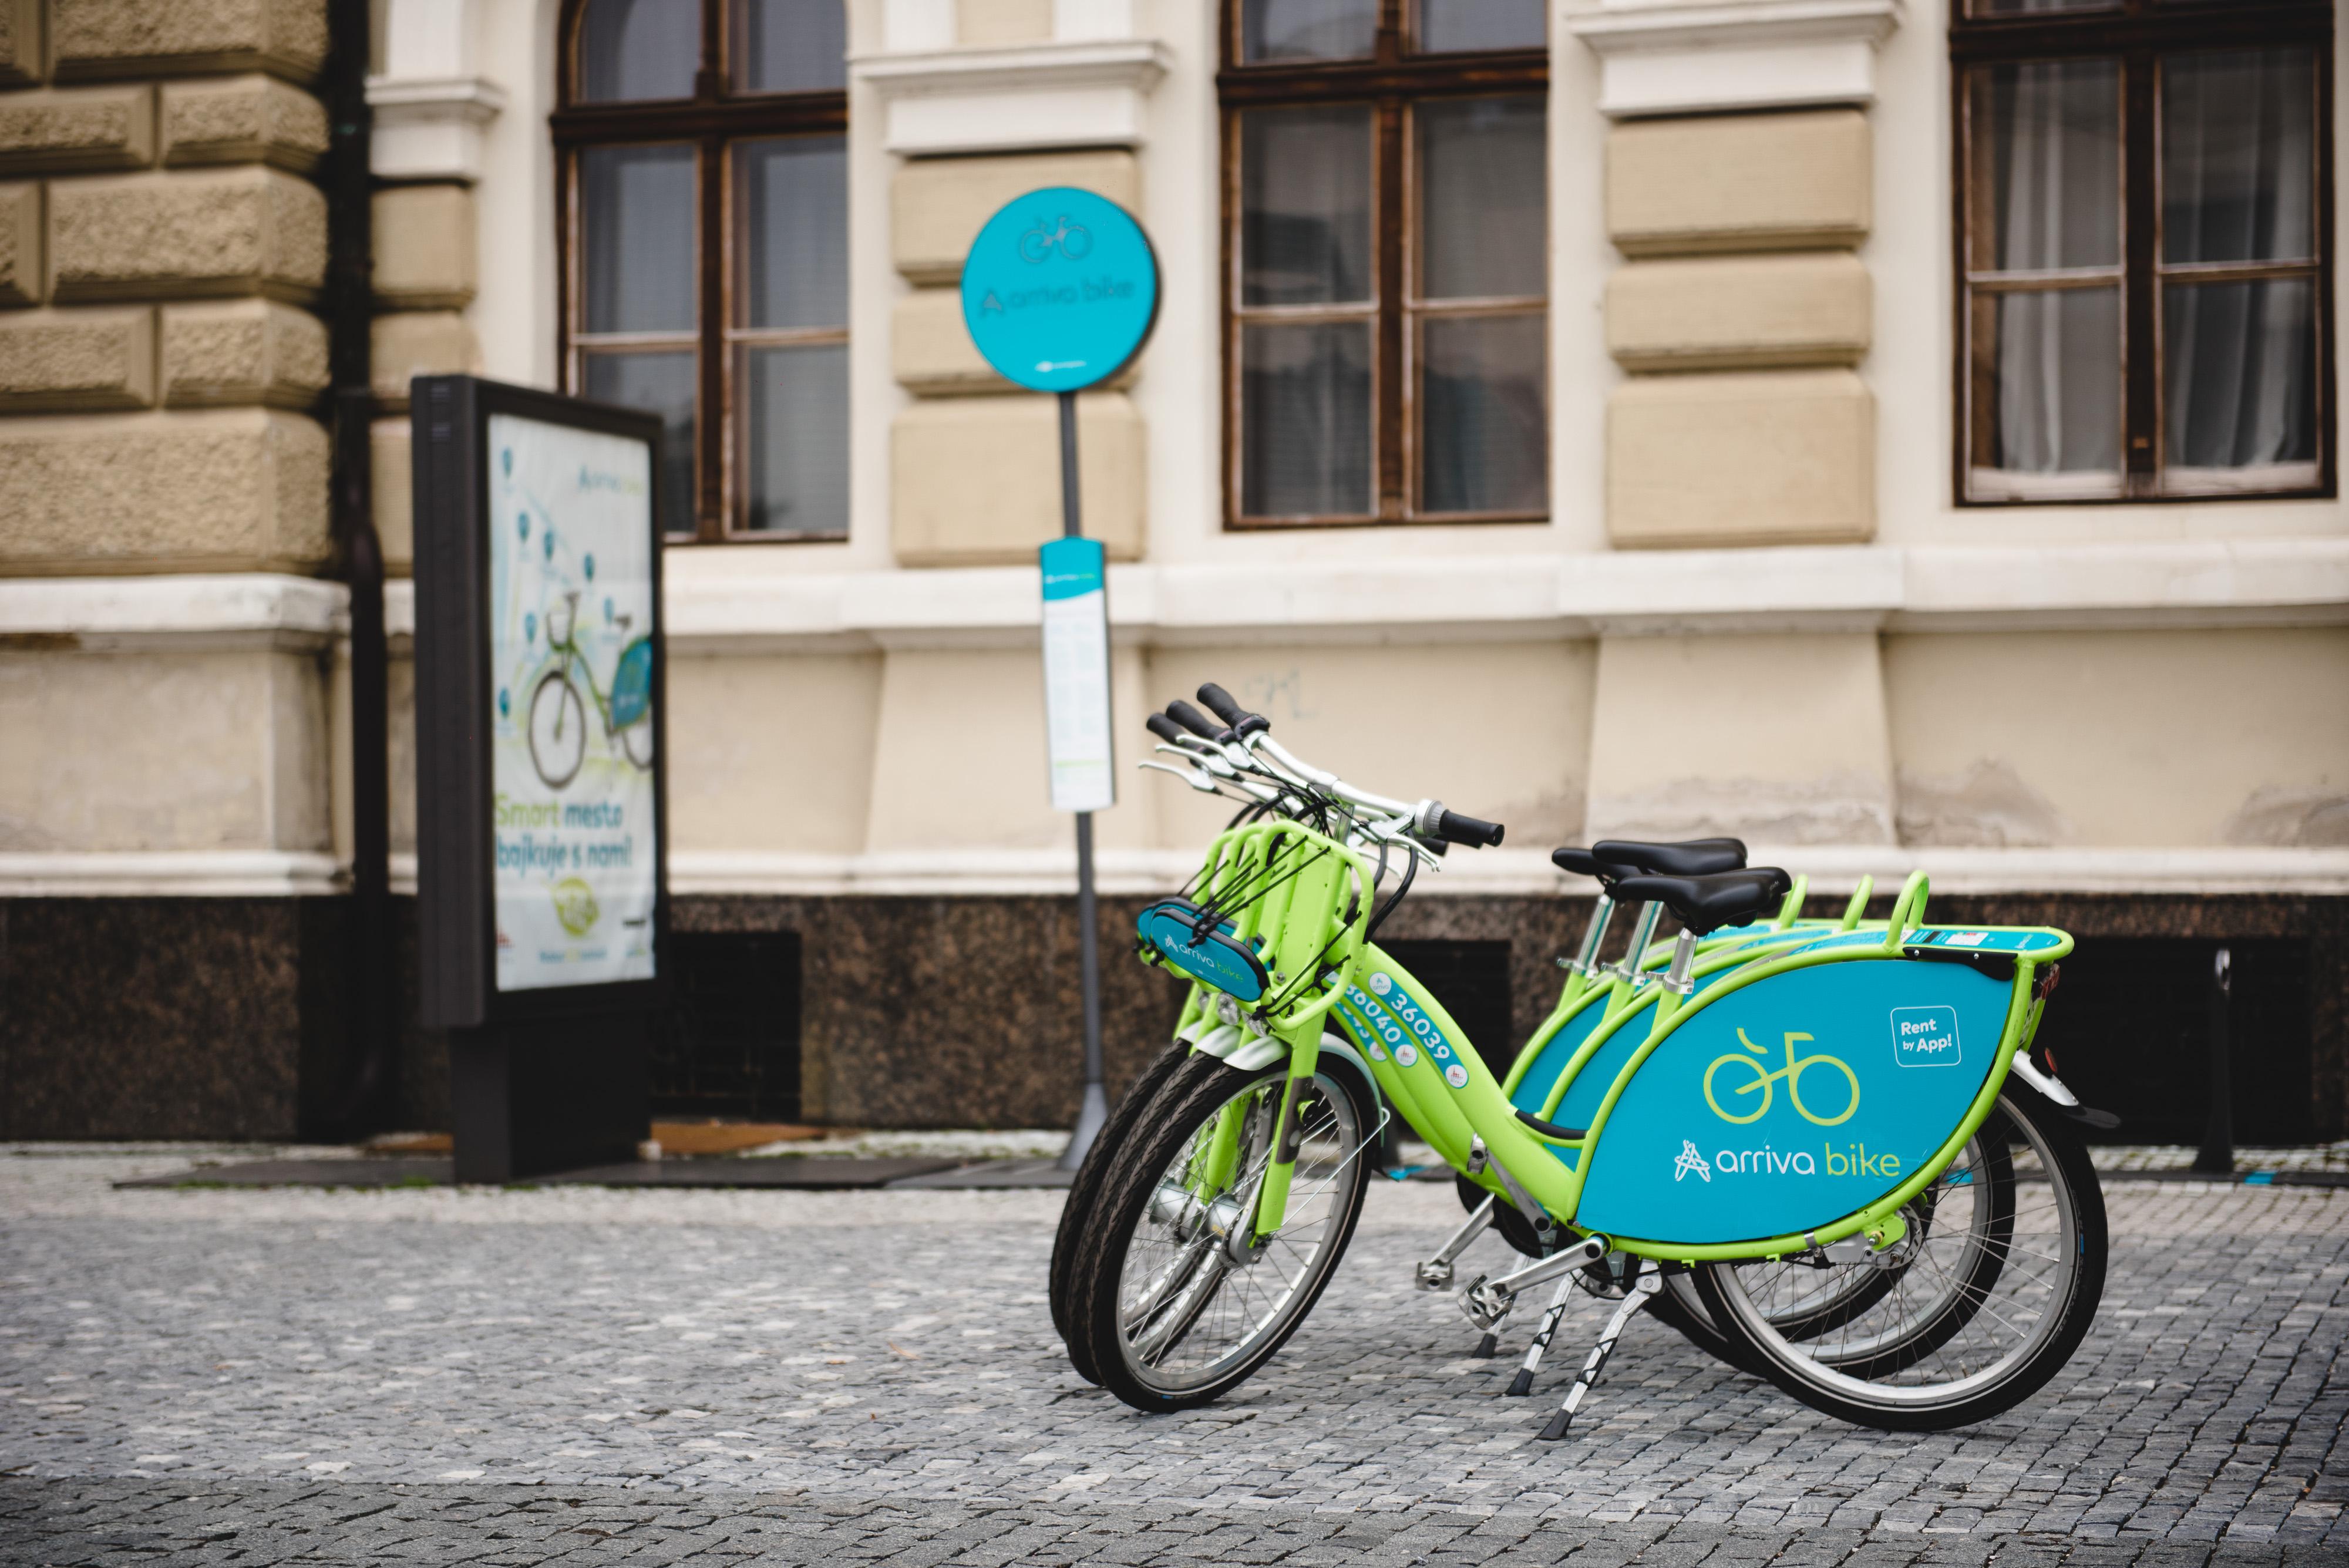 Zdieľané bicykle arriva bike môžu Nitrania - Kam v meste  8088dc942b9